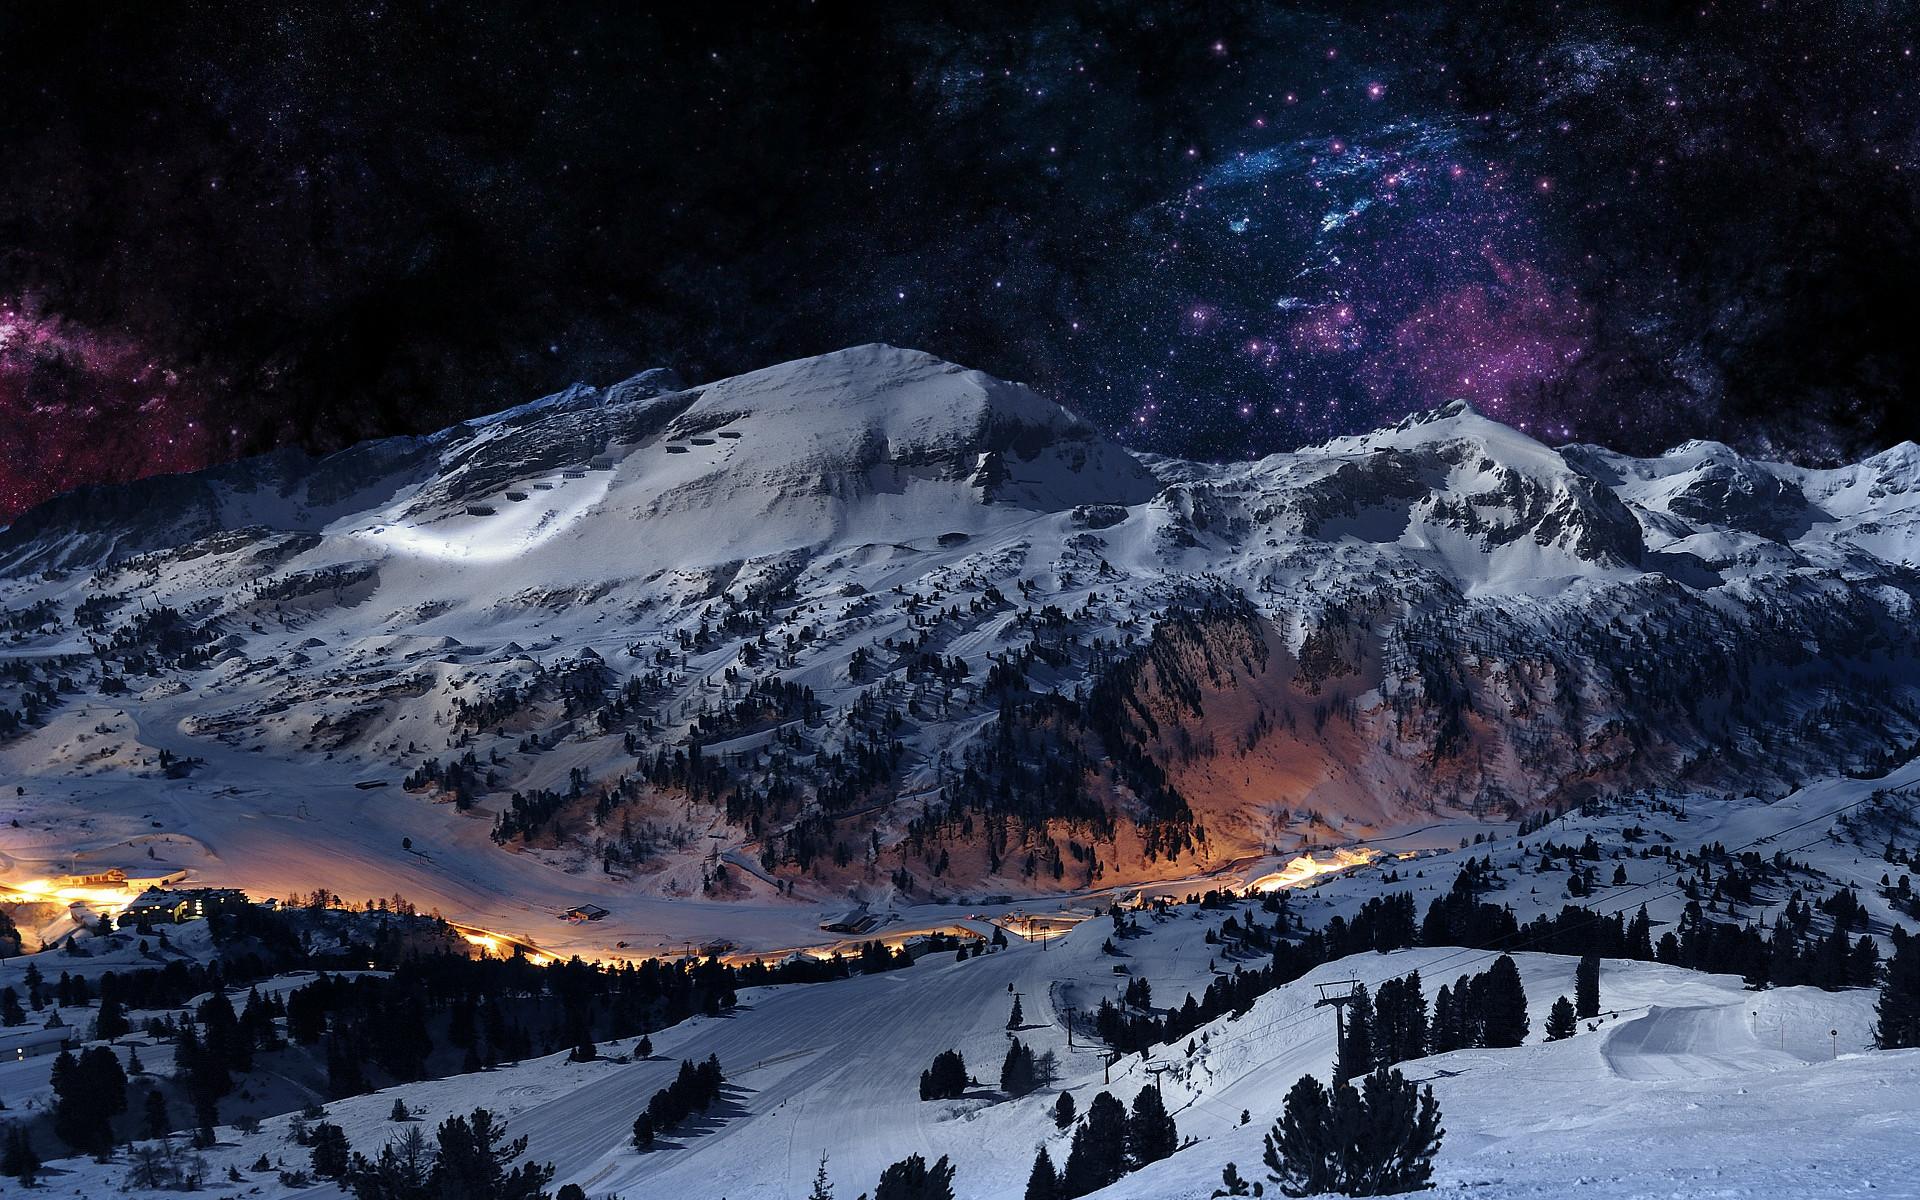 HD wallpaper winter mountains scene.